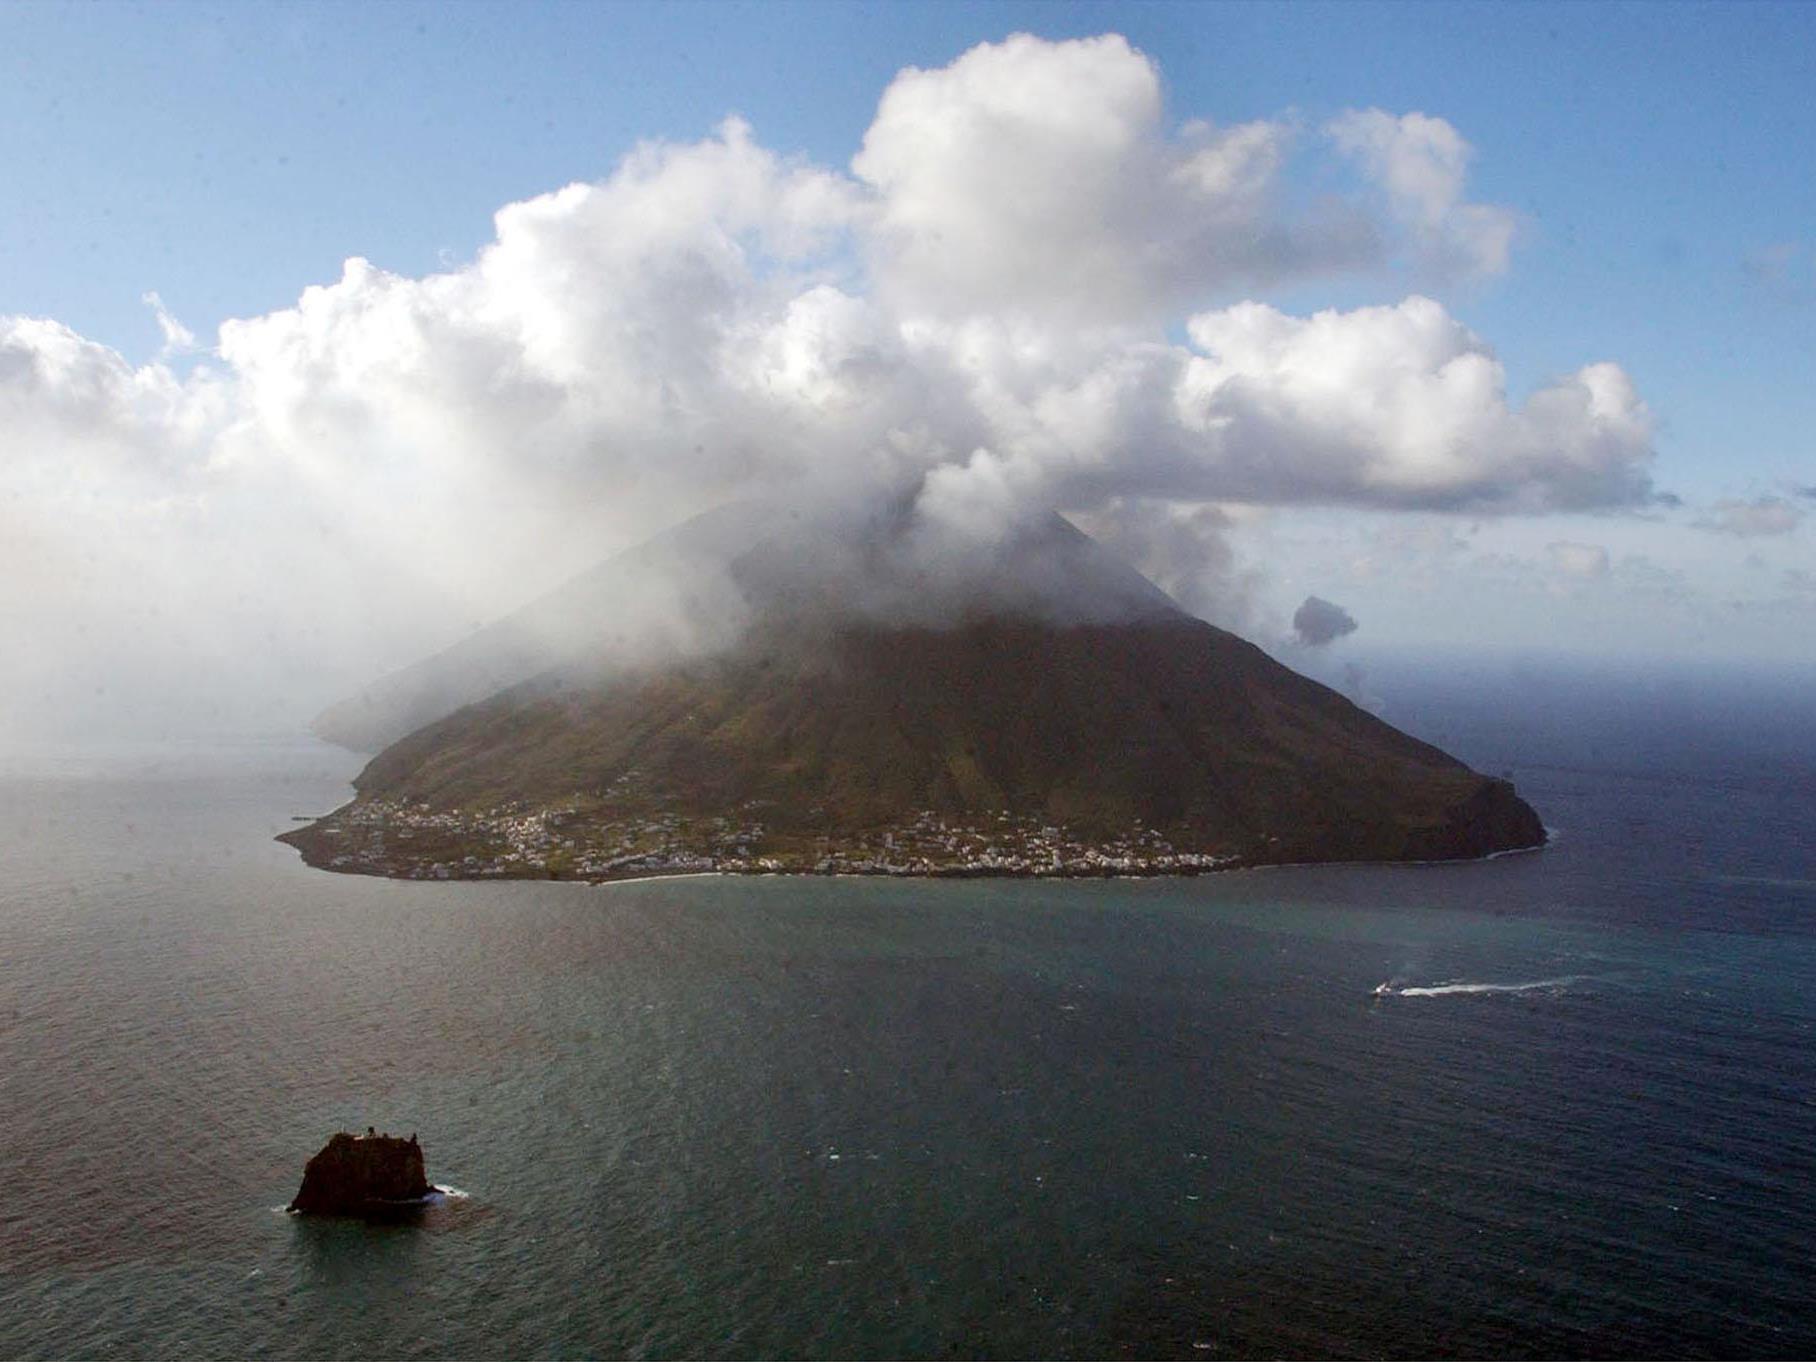 Italien führt eine Vulkansteuer ein.